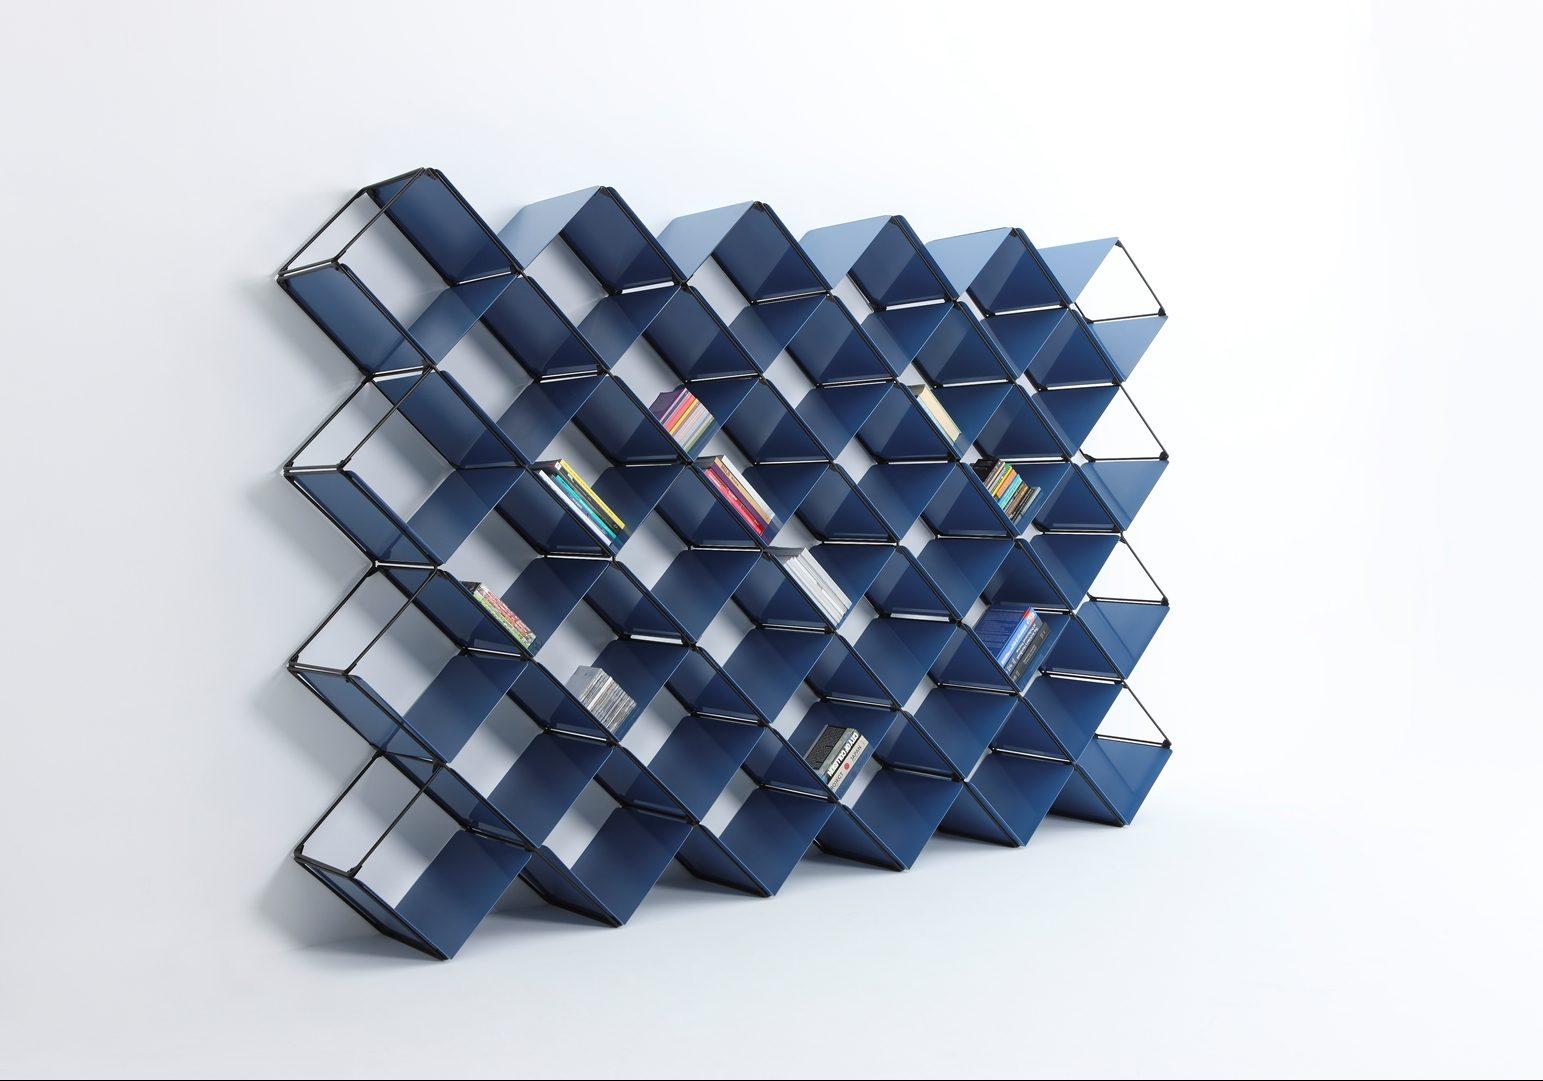 El azul clásico es el elegido por Pantone para ser el color del año 2020 10